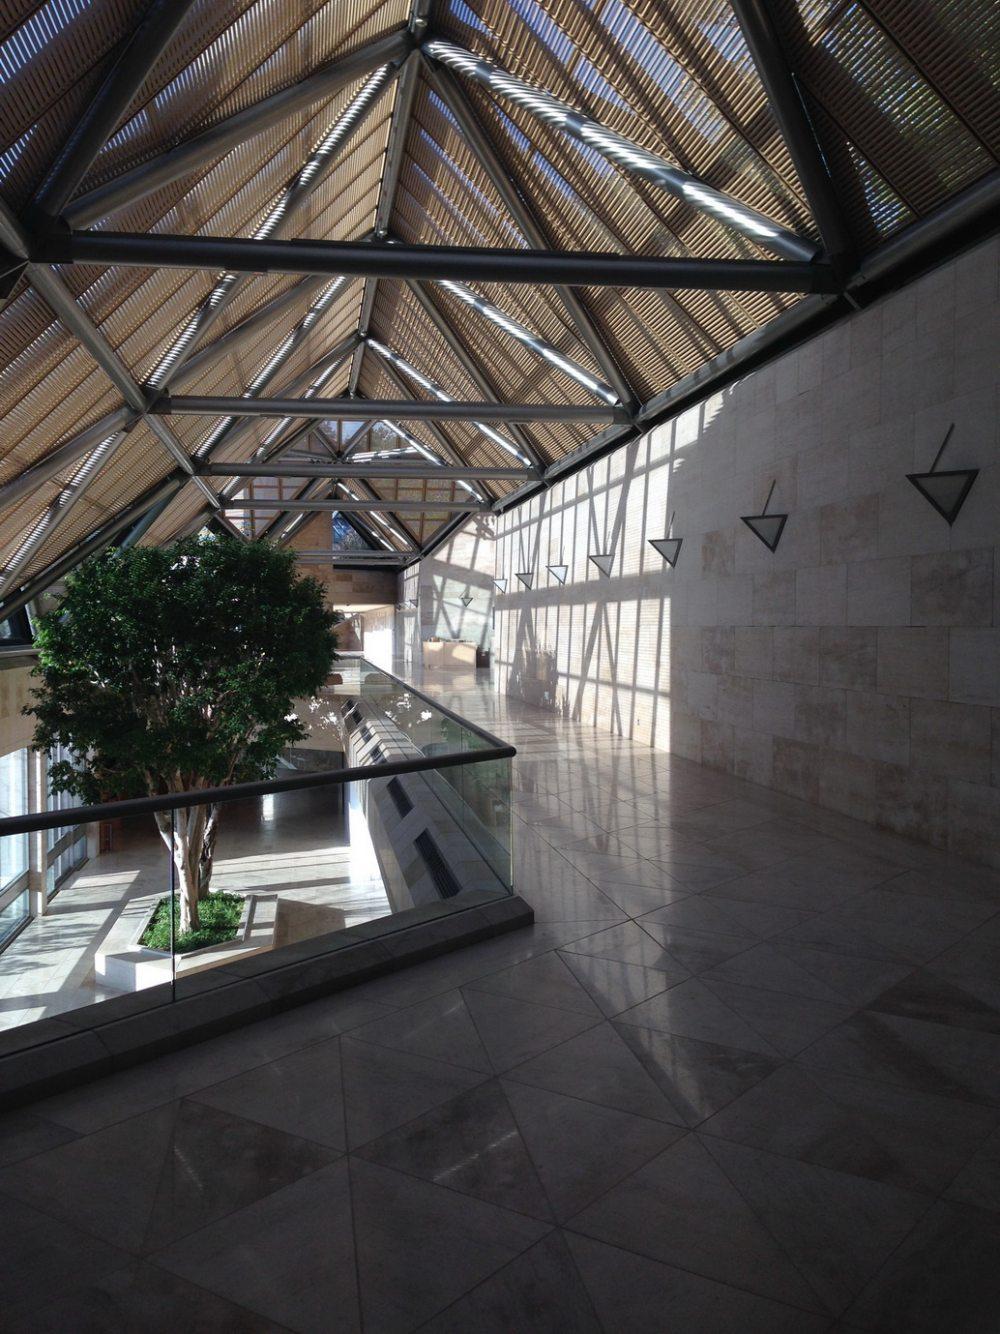 日本美秀美术馆MIHO MUSEUM自拍分享-贝聿铭_IMG_7277.JPG